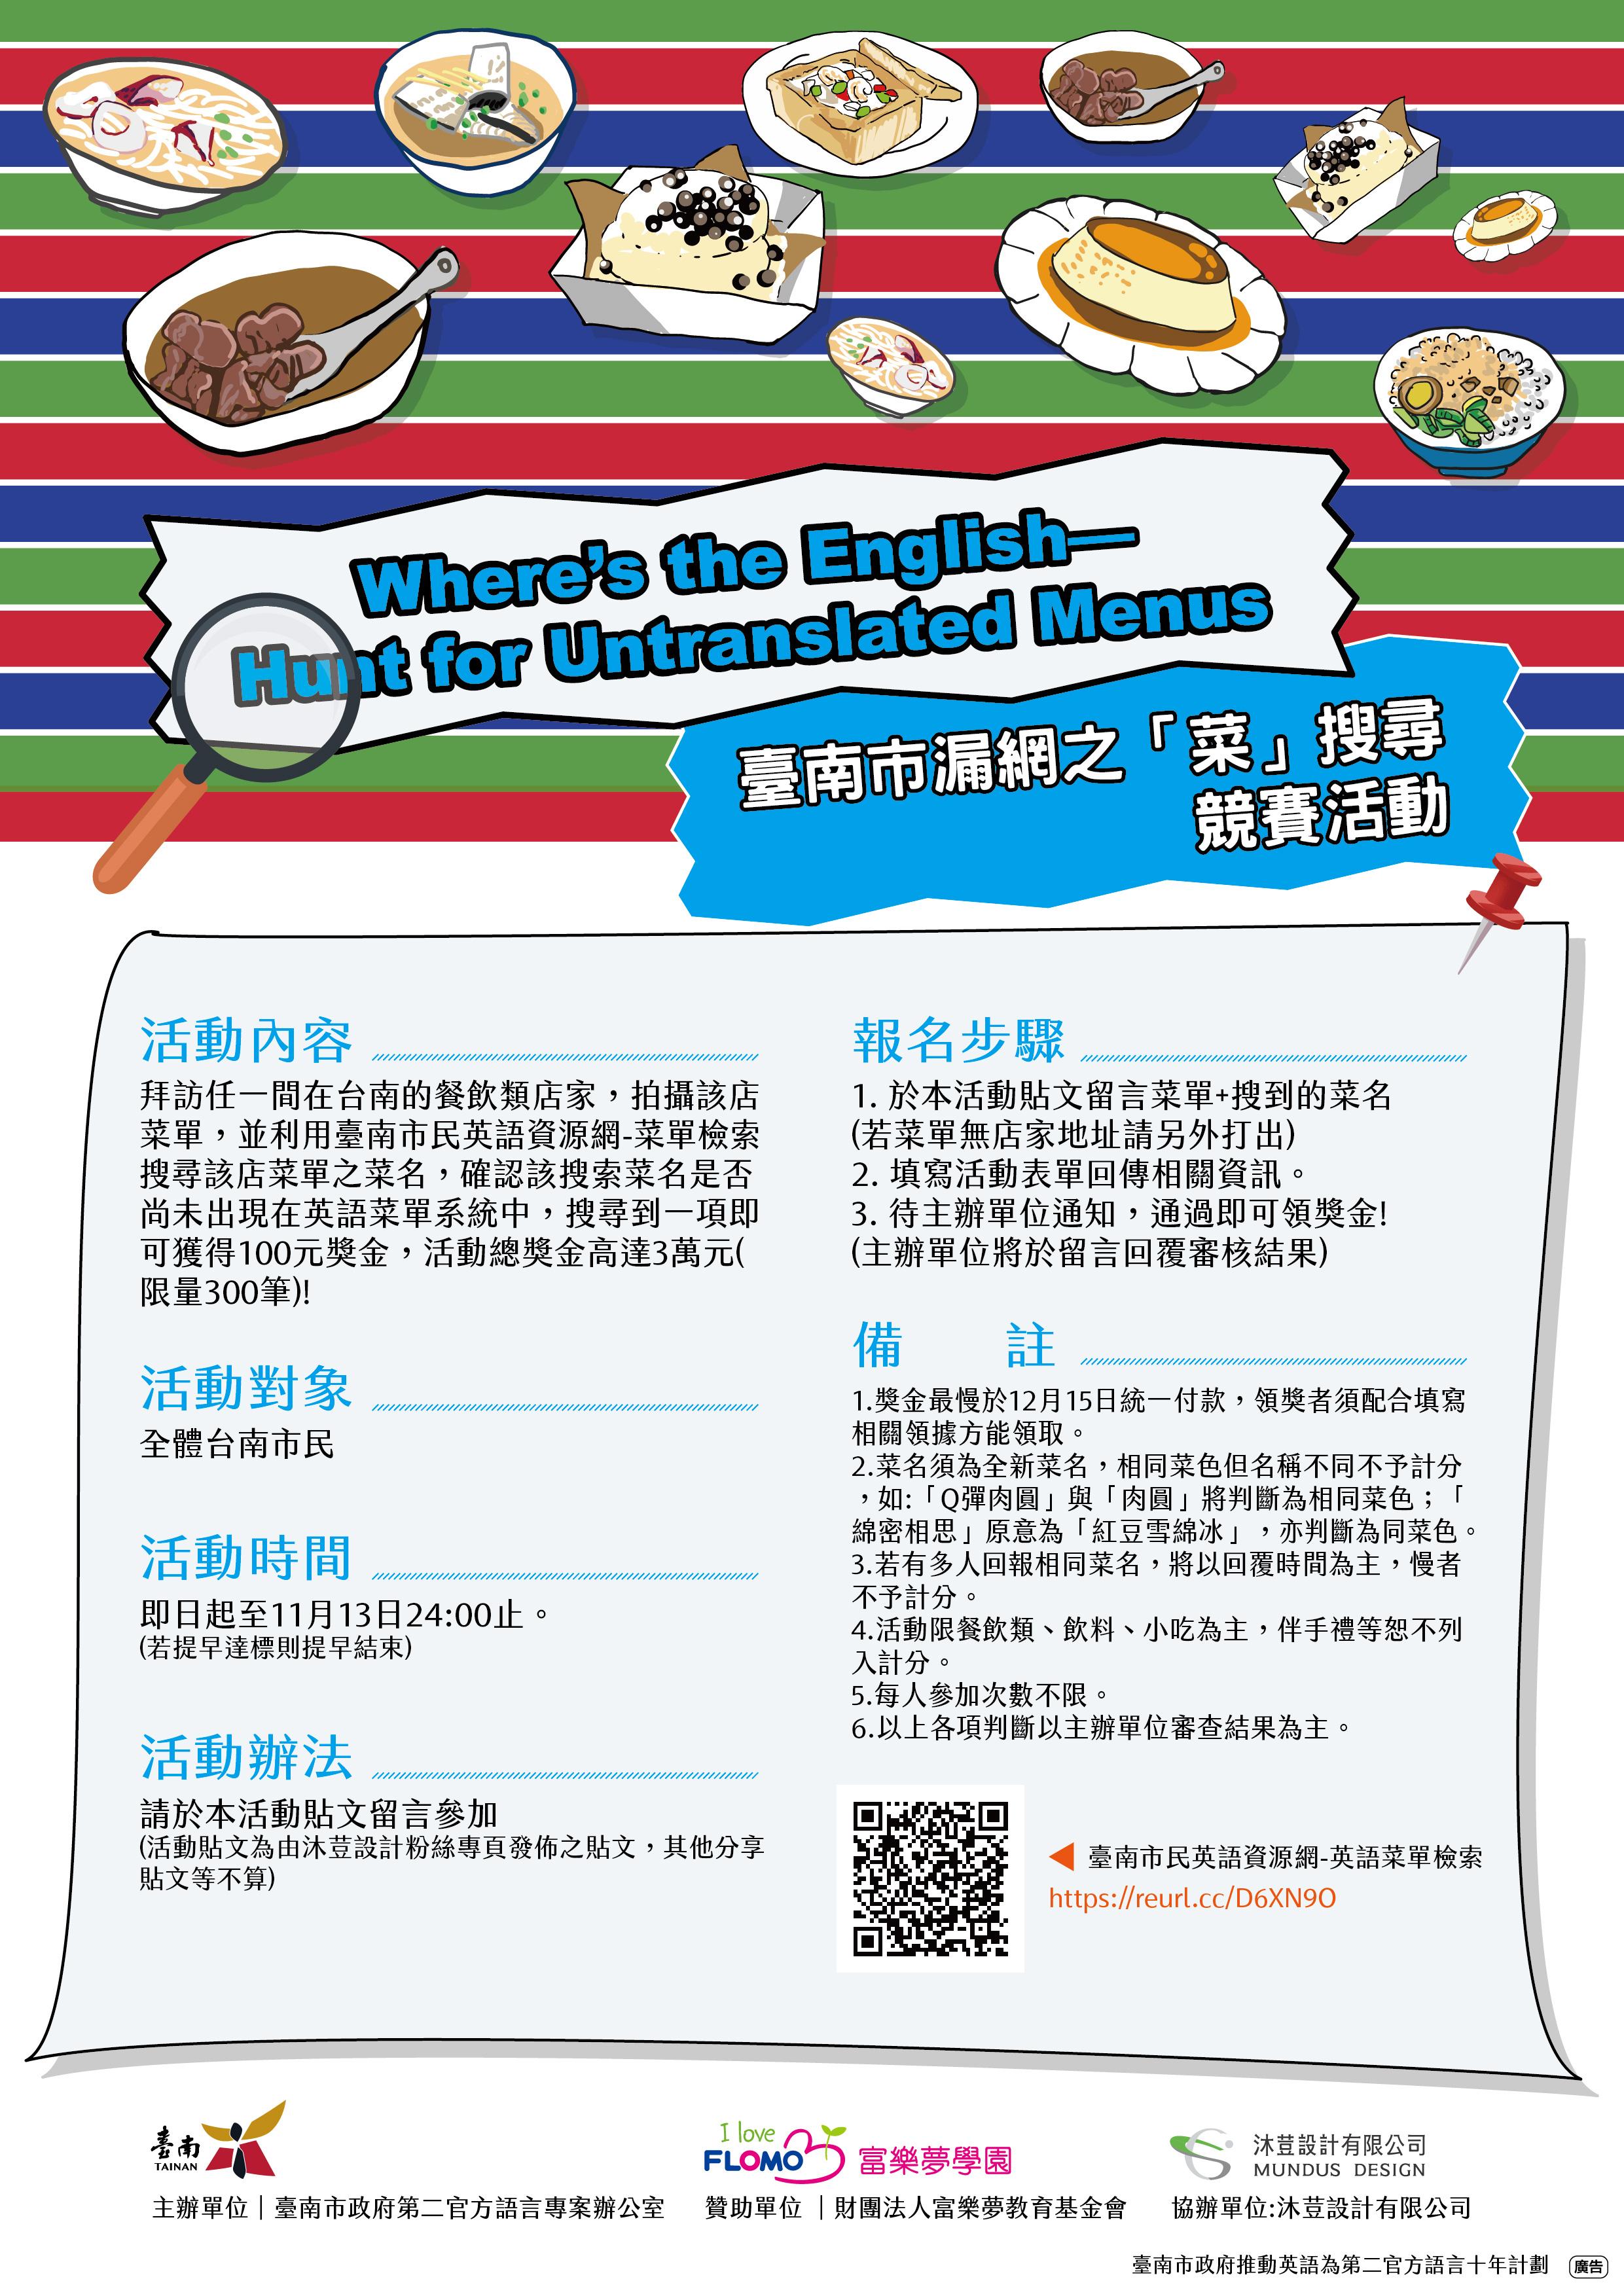 「臺南市漏網之『菜』搜尋競賽活動」海報